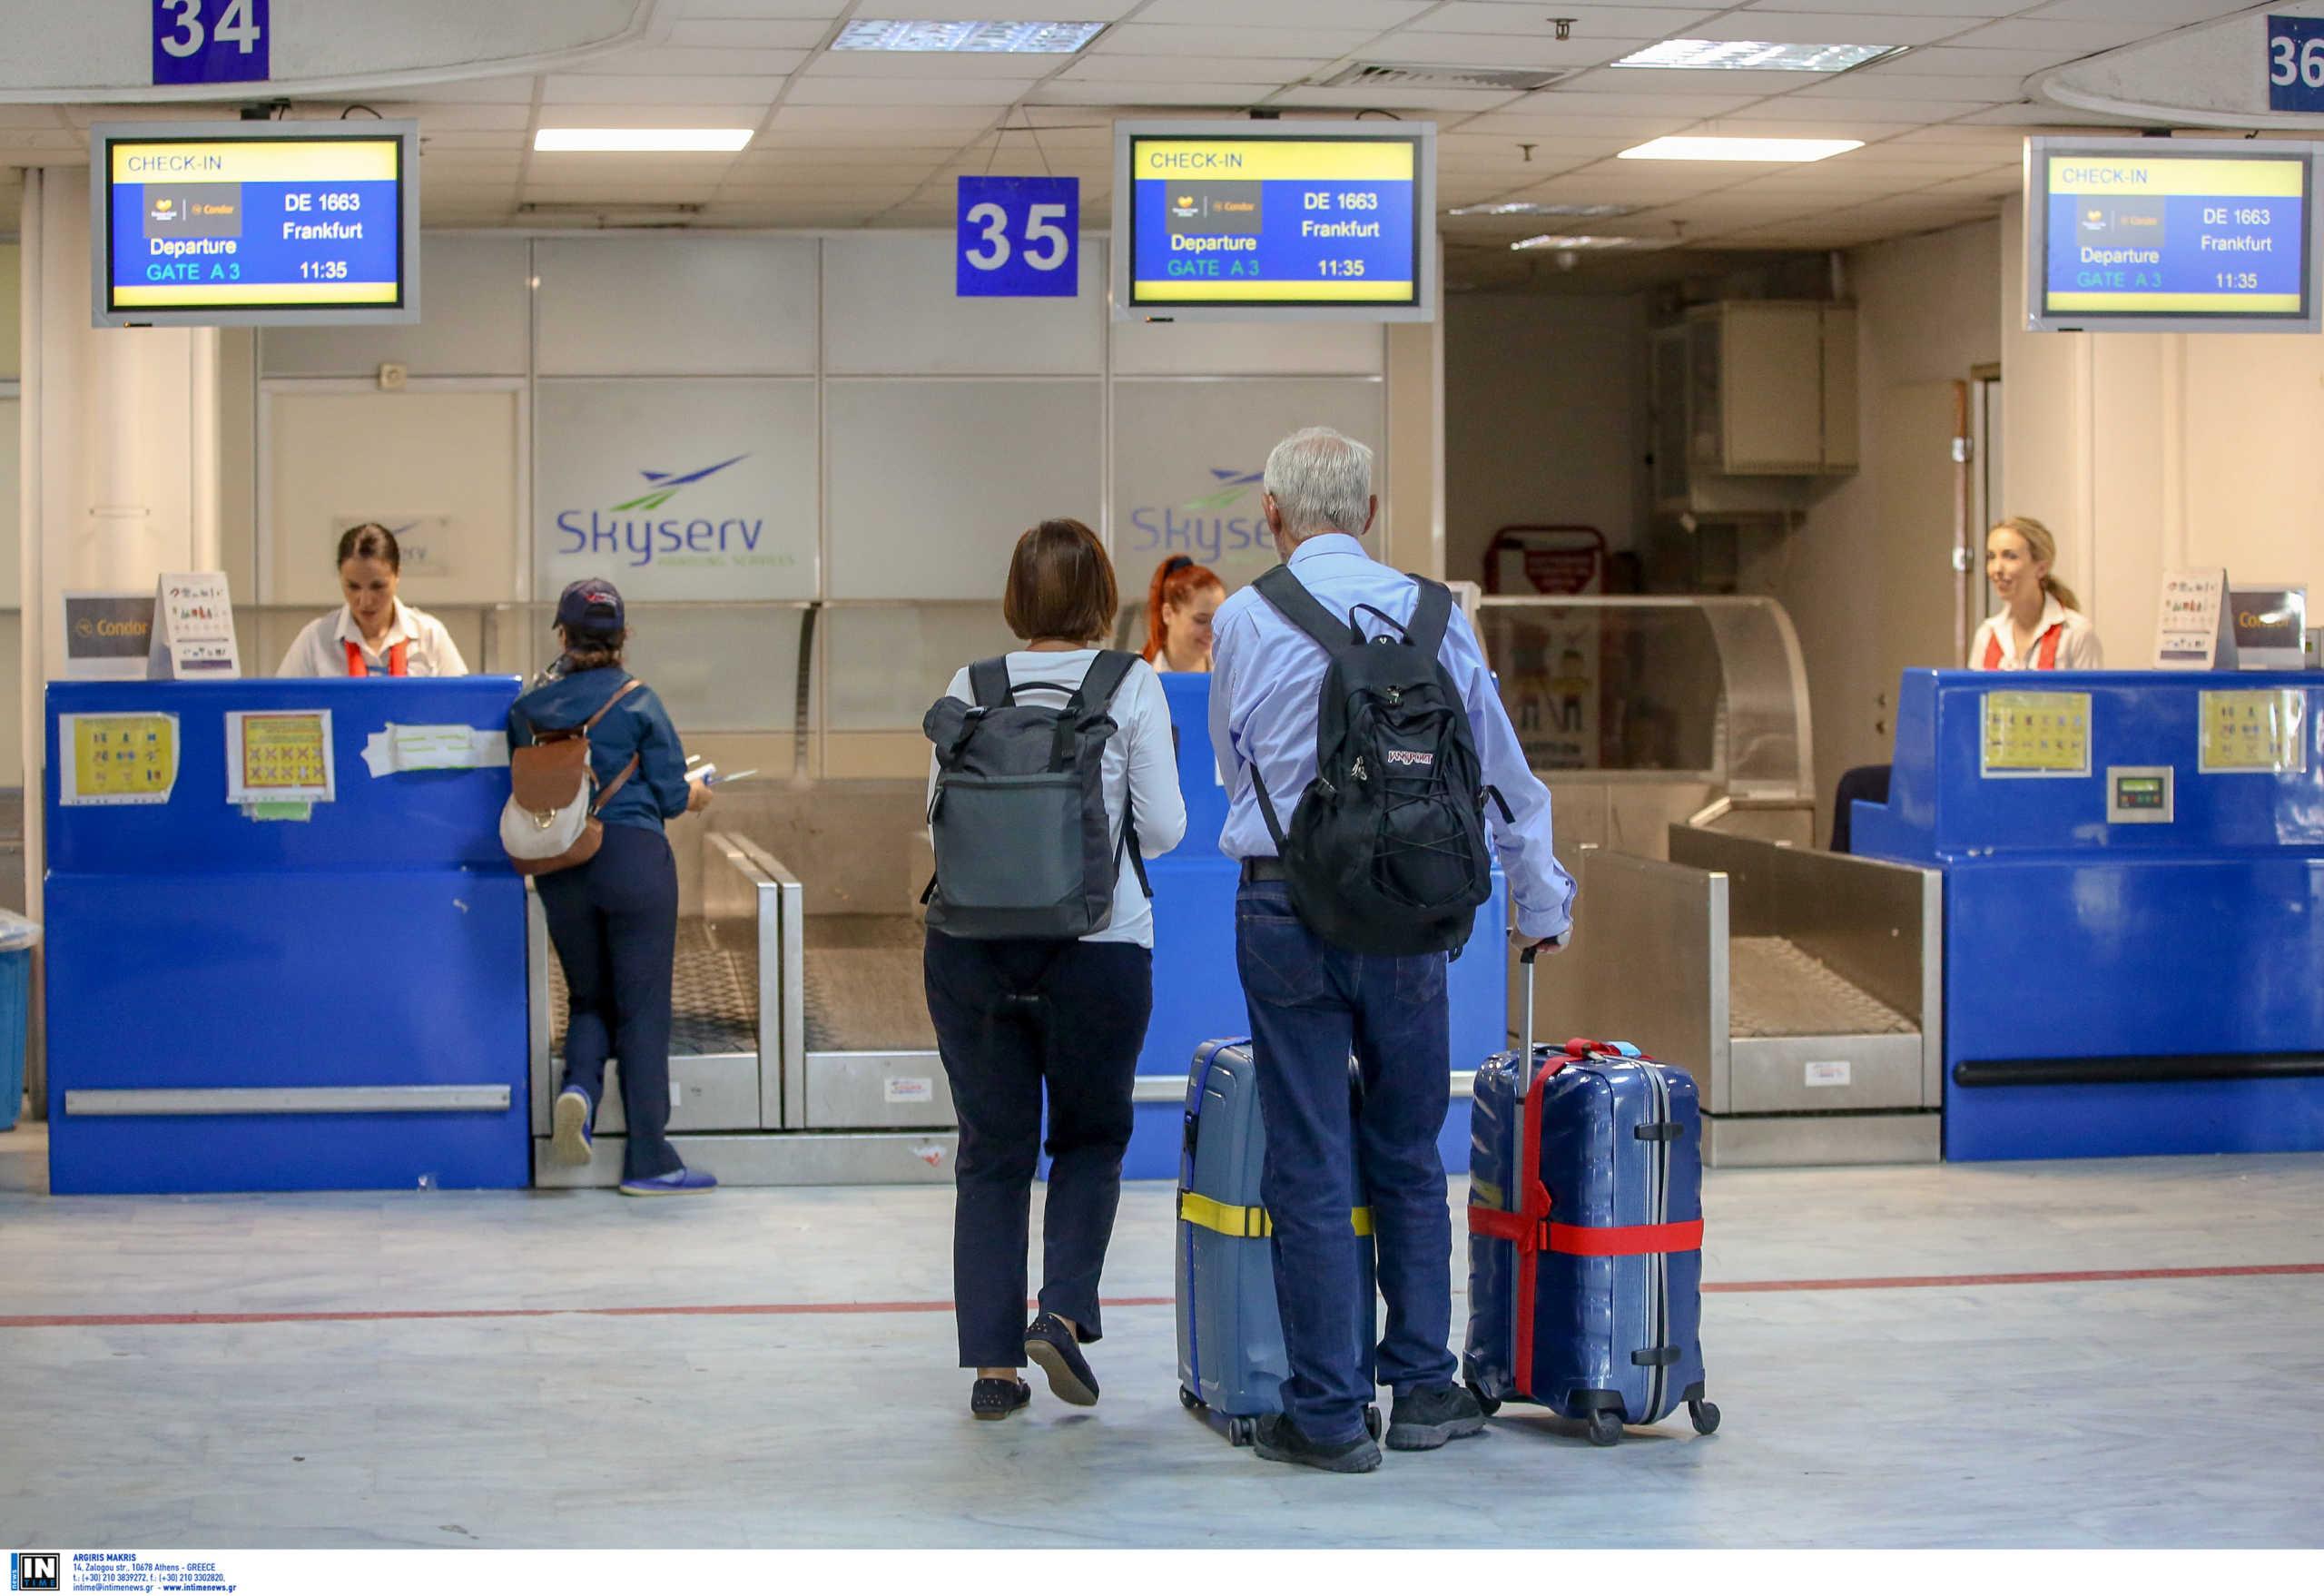 Πόσο επλήγη ο ελληνικός τουρισμός από την πανδημία το 2020 – Tι δείχνει η έκθεση ΕΥ